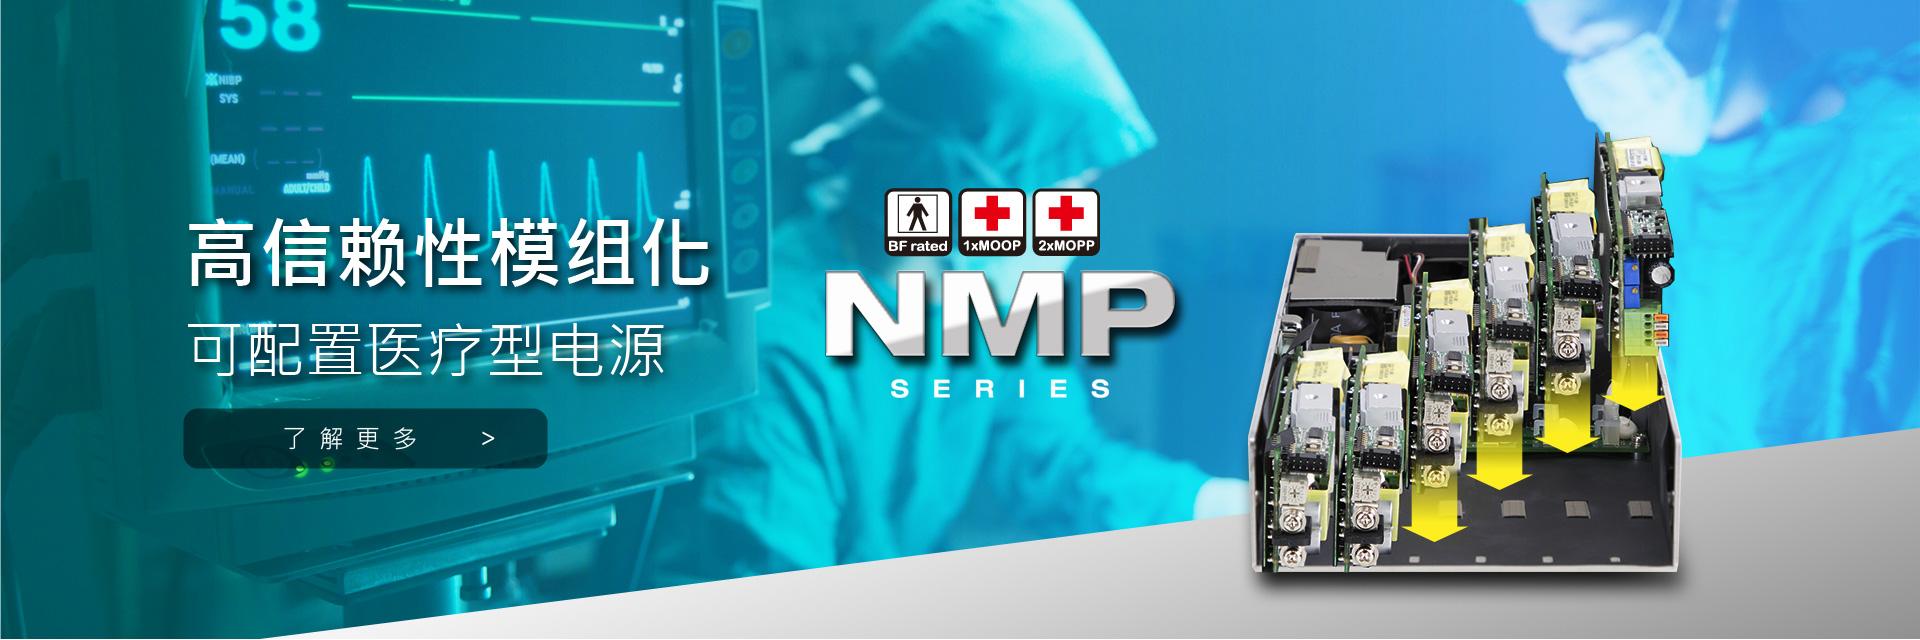 NMP-CN